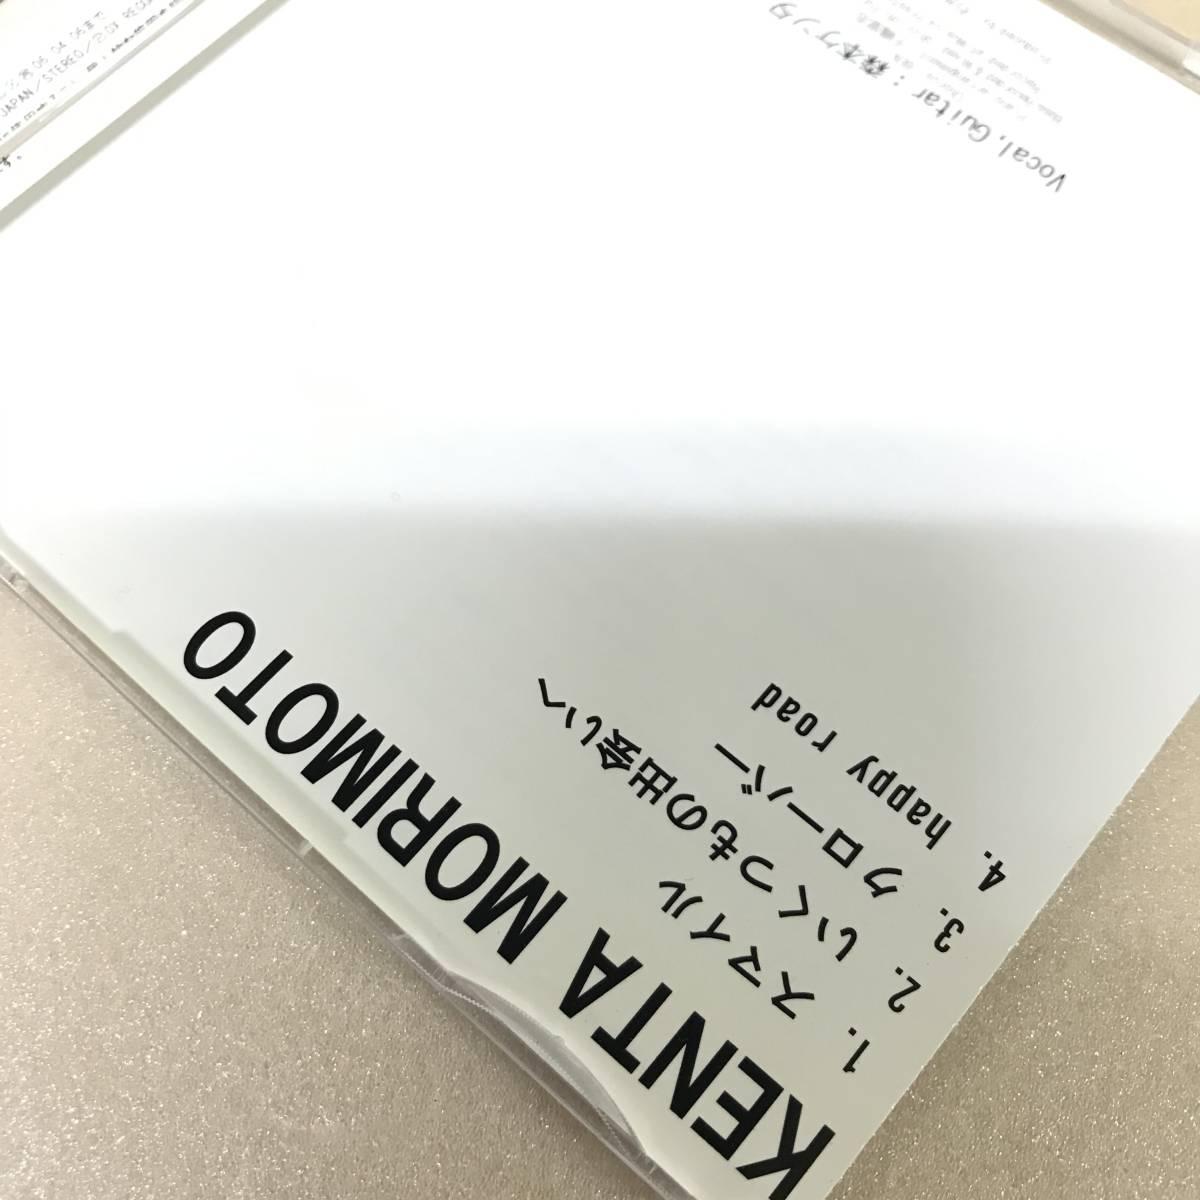 T-398 <広島ポップス> 森本ケンタ 「スマイル/いくつもの出会いへ」全4曲収録 2005年 OX Records_画像3